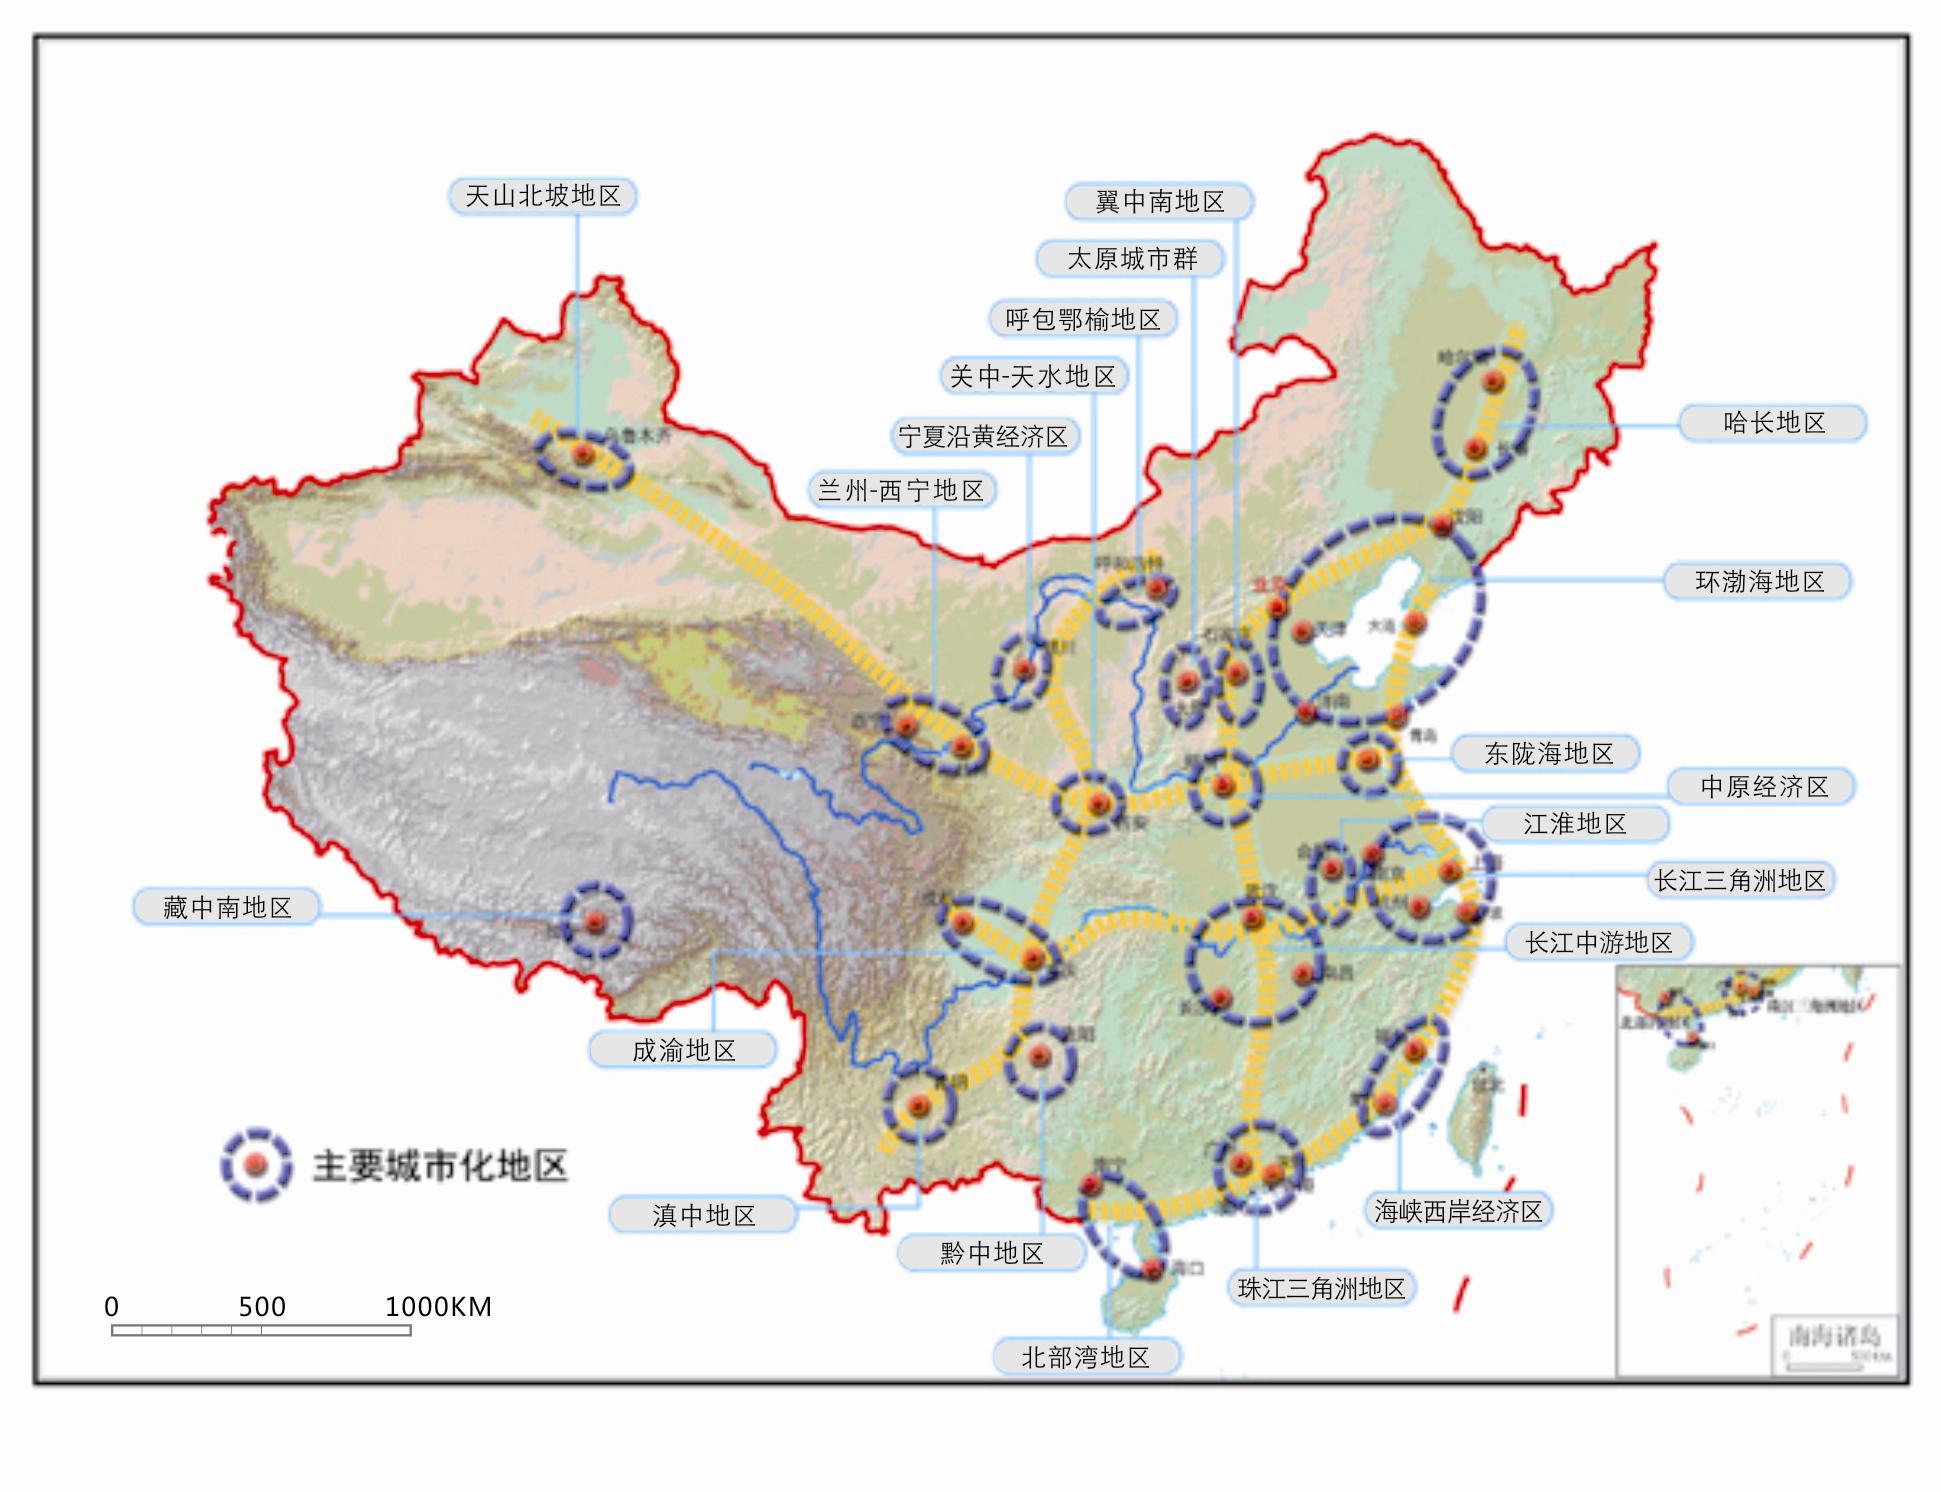 京津冀一体化规划城铁地图 京津冀新版规划地图